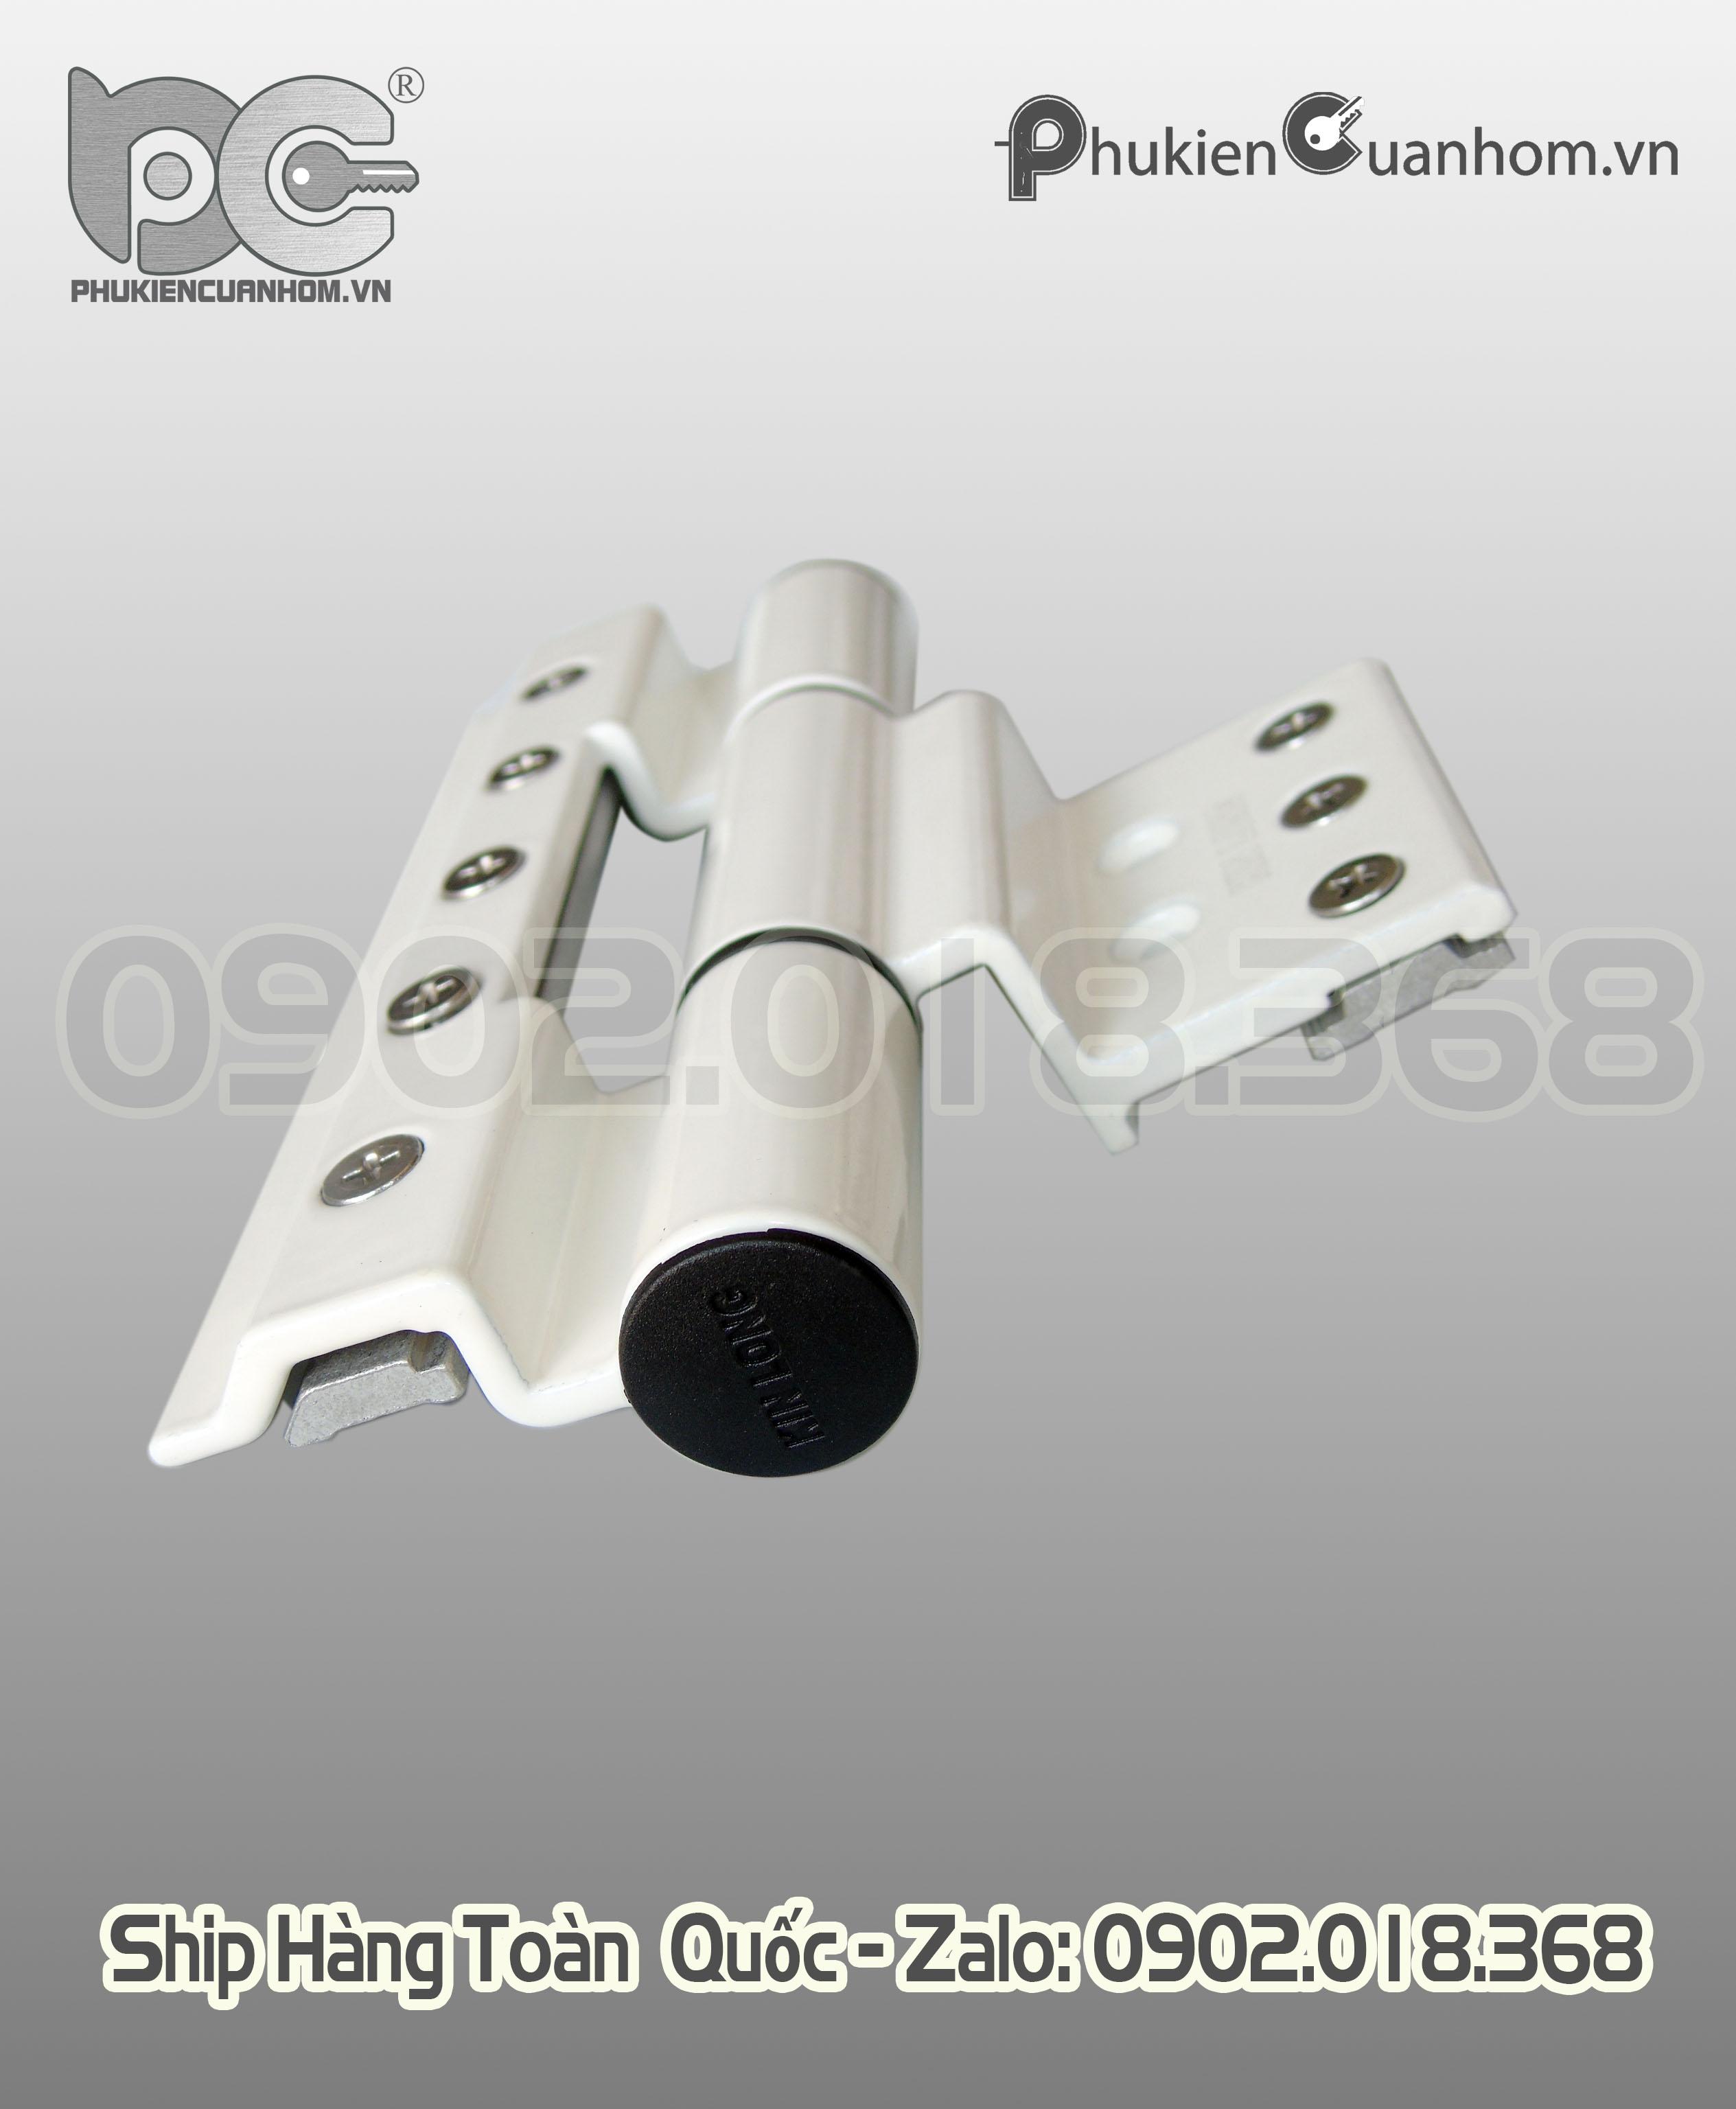 Bản lề 4D hiệu KinLong chính hãng dùng cho nhôm Xingfa 55